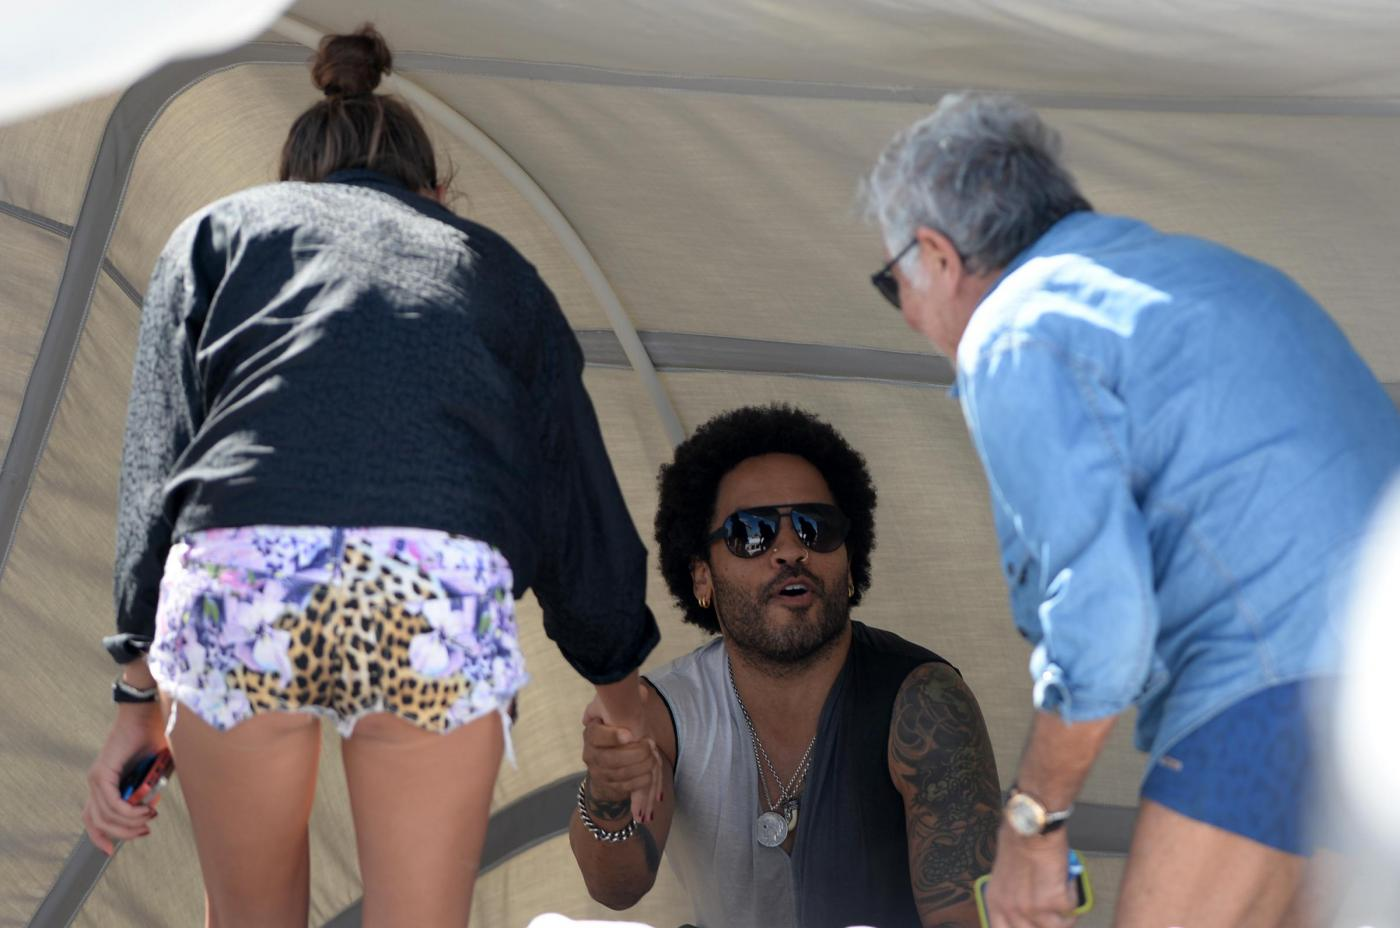 Roberto Cavalli in spiaggia a Miami con Lina Nilson e Lenny Kravitz04